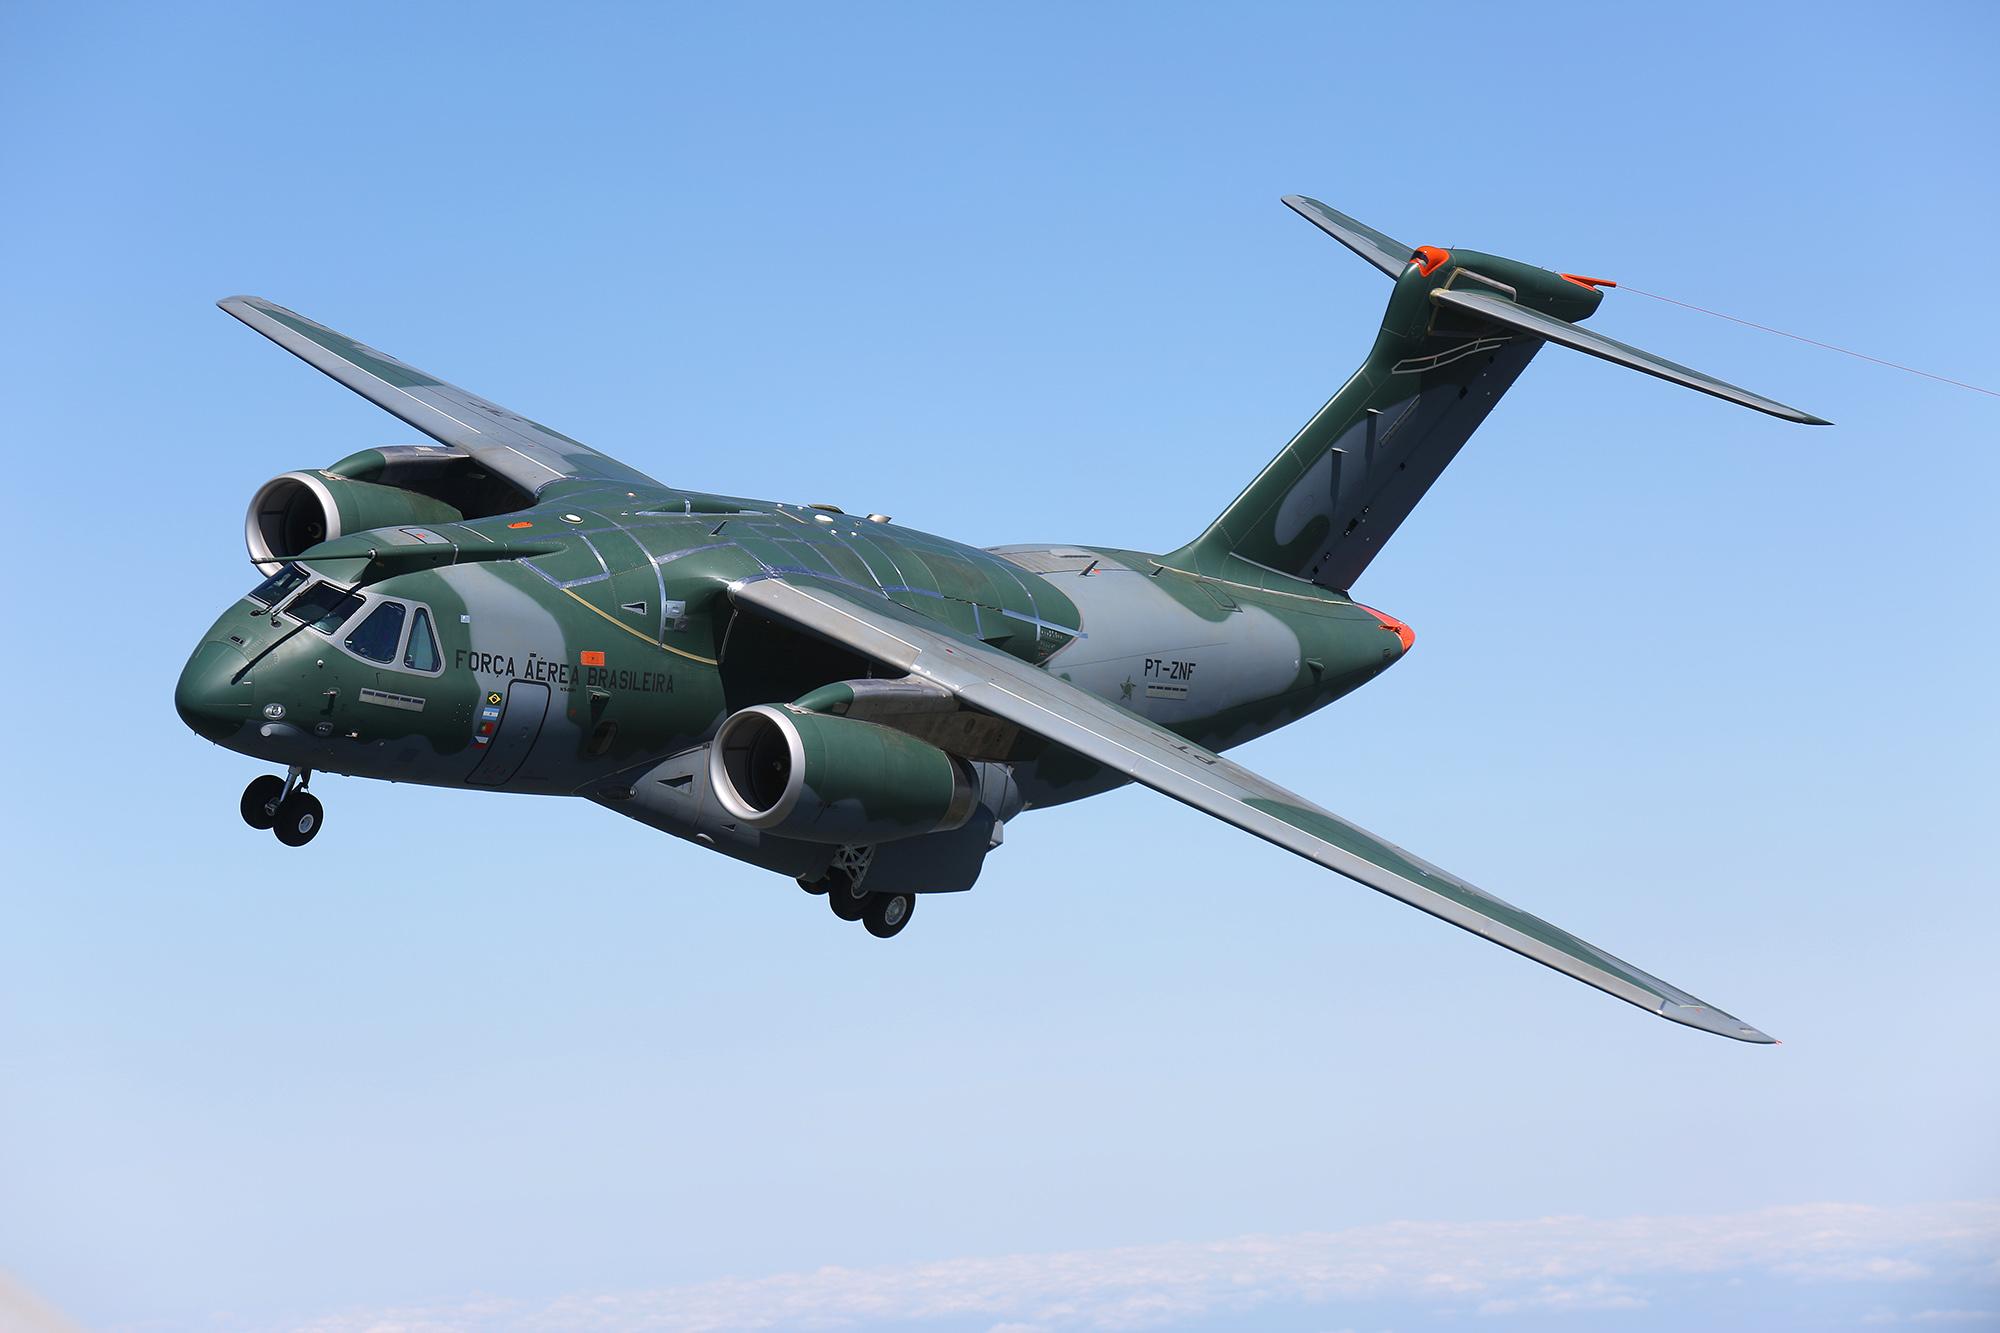 1_KC-390_Air-to-air_05.jpg